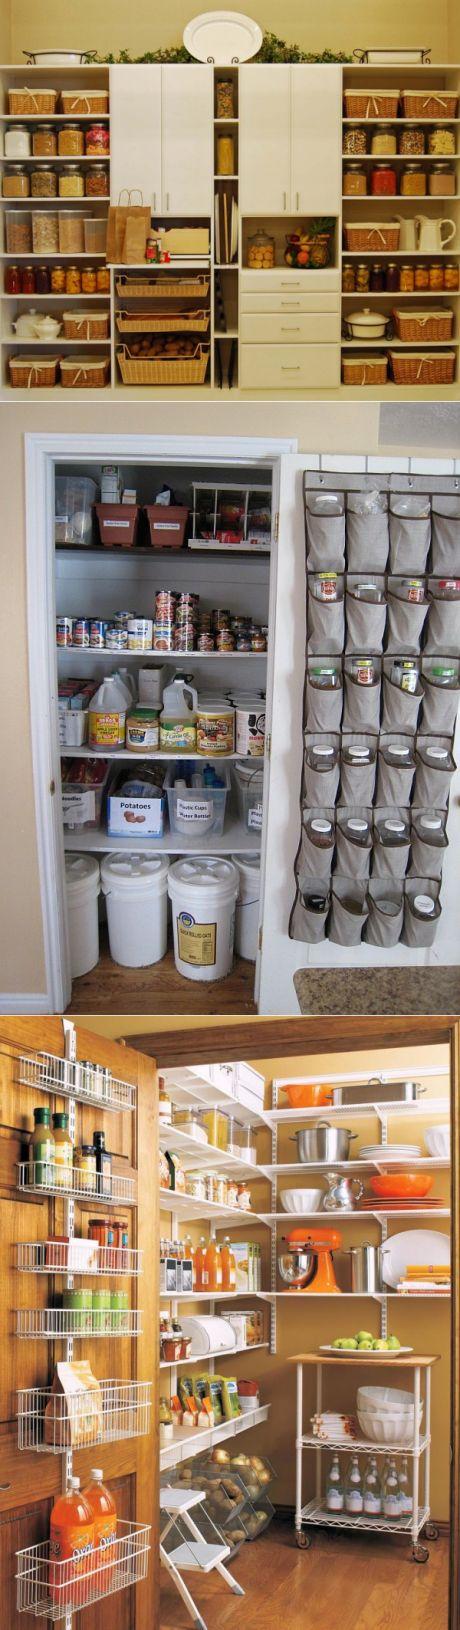 Как организовать хранение в кладовой